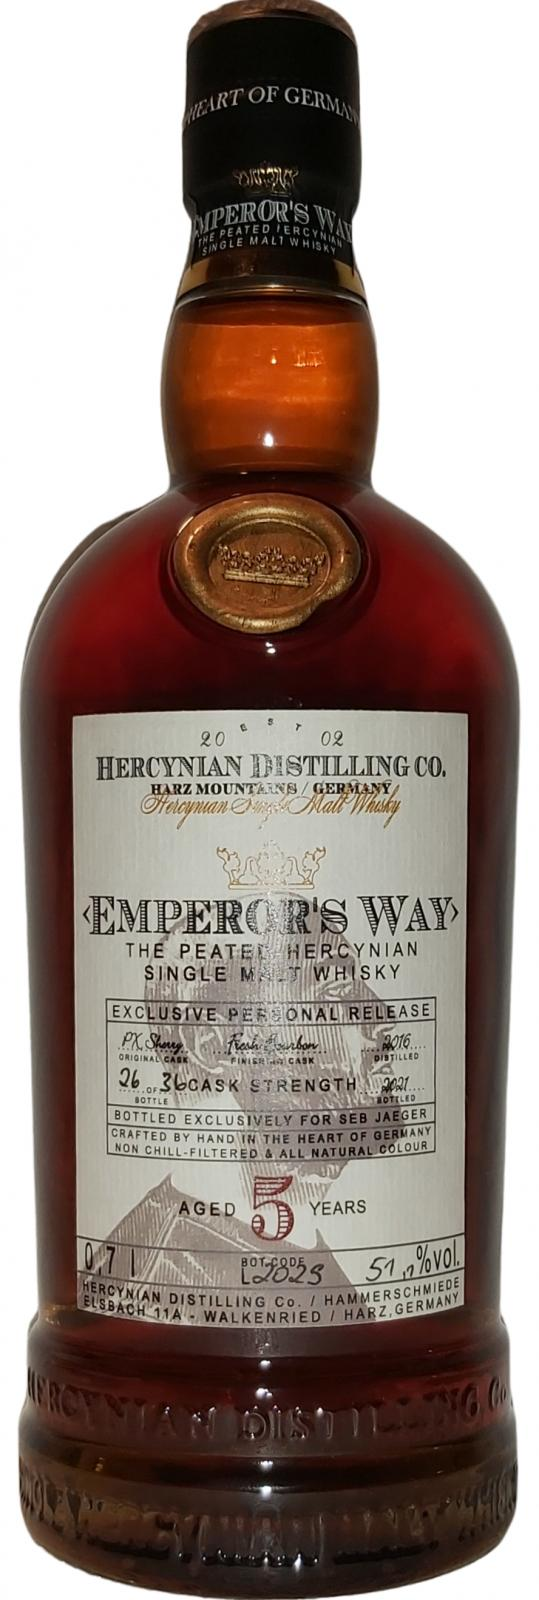 Emperor's Way 2016